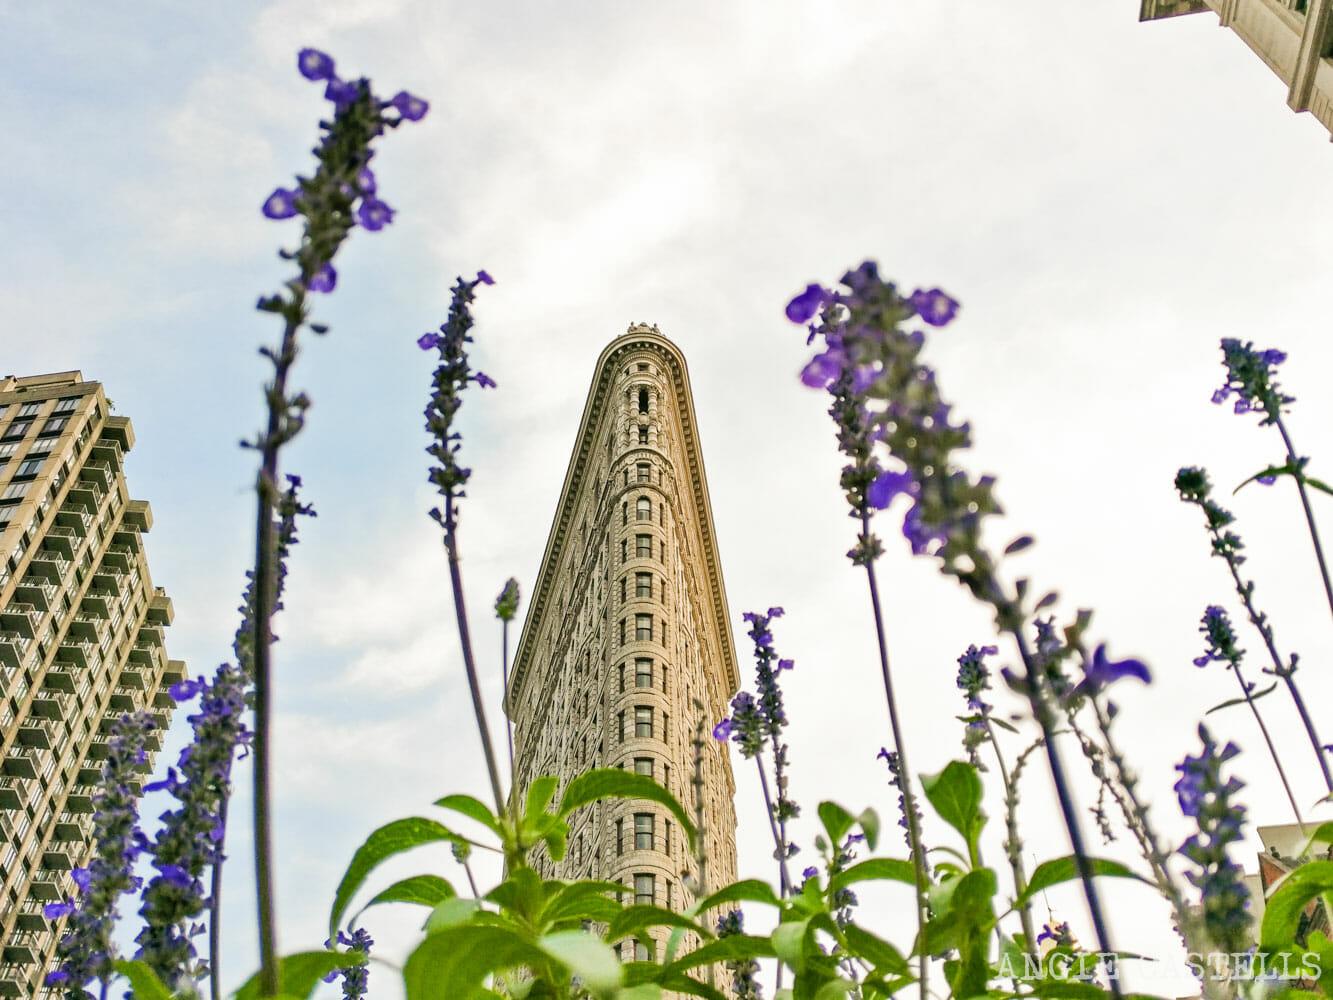 El mes & # 39; en junio en Nueva York - Edificio Flatiron